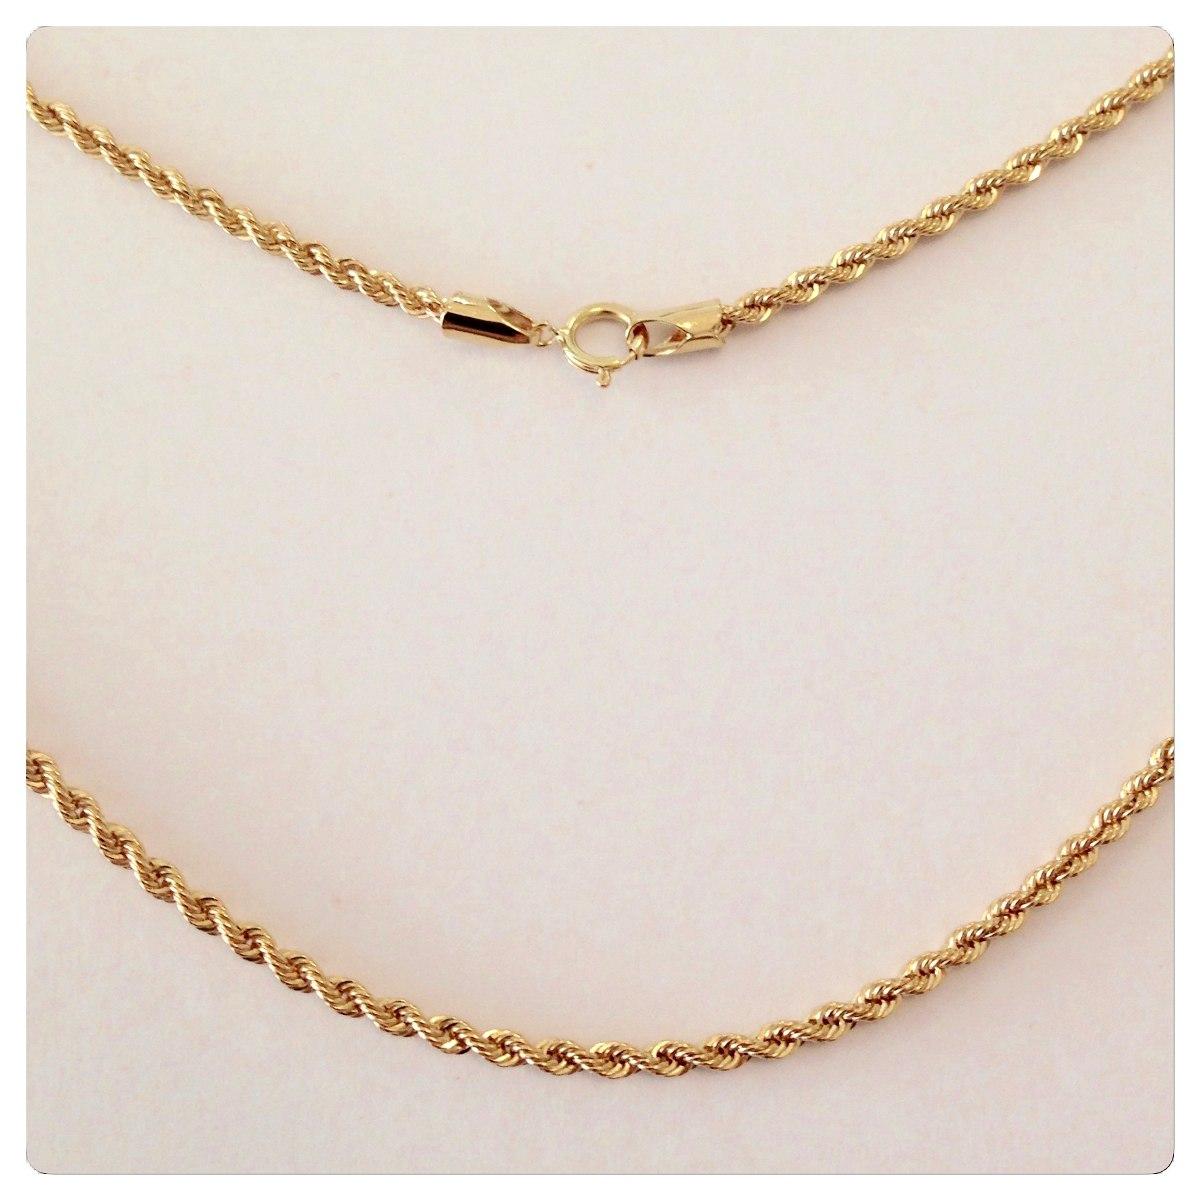 corrente cordão de ouro 18k torcido baiano de 45cm grossa. Carregando zoom. 257ffc351a